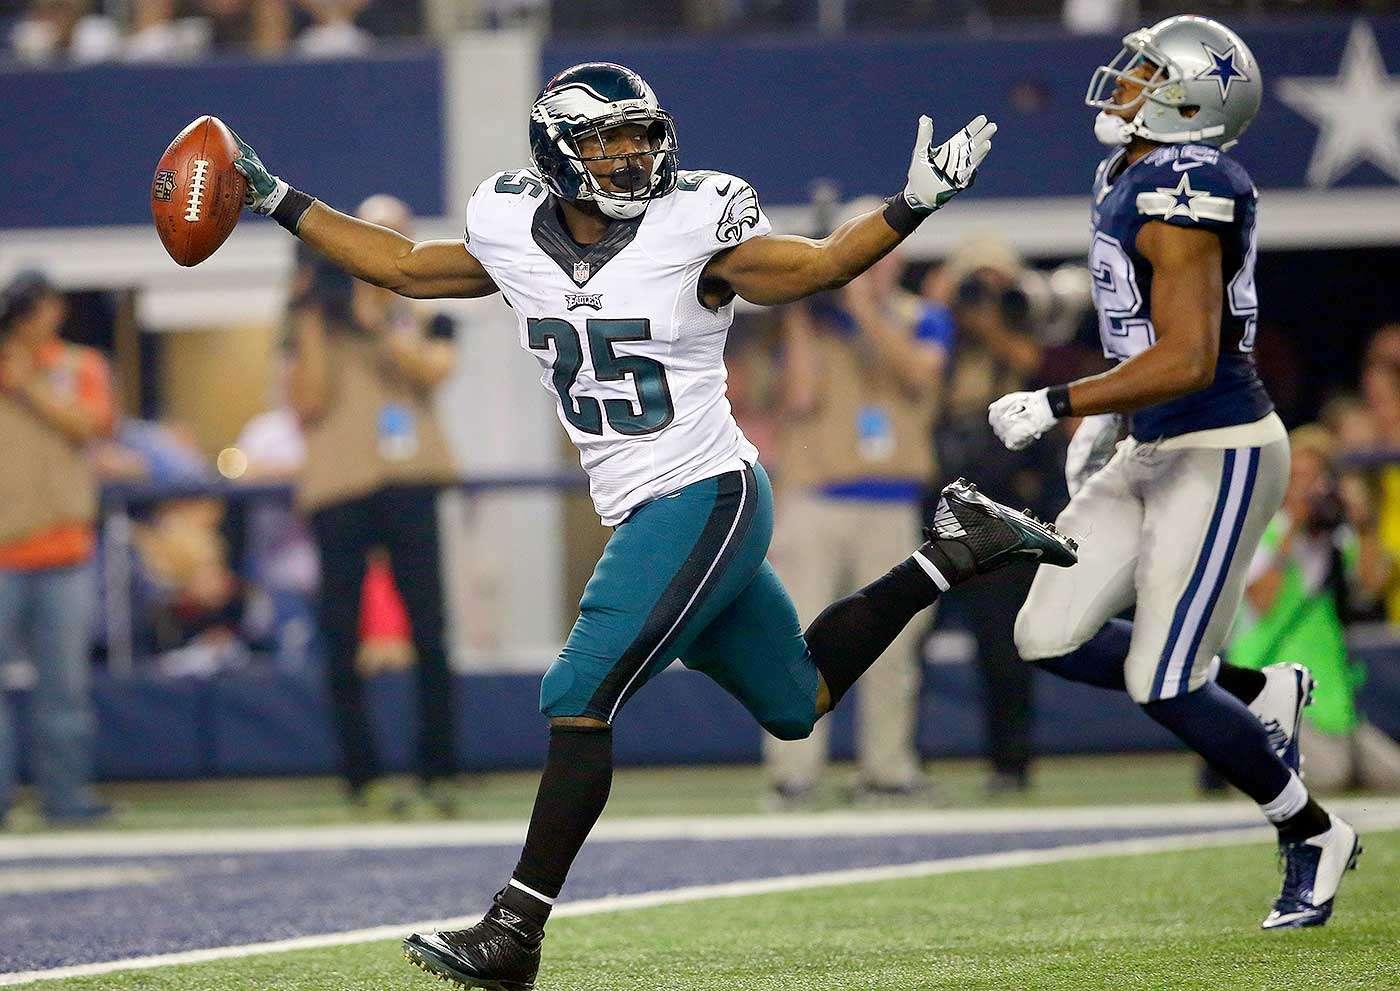 LeSean McCoy avanzó 159 yardas por vía terrestre ante Dallas y rebasó la marca de 1.000 yardas logradas por cuarta ocasión desde 2010. Foto: AP